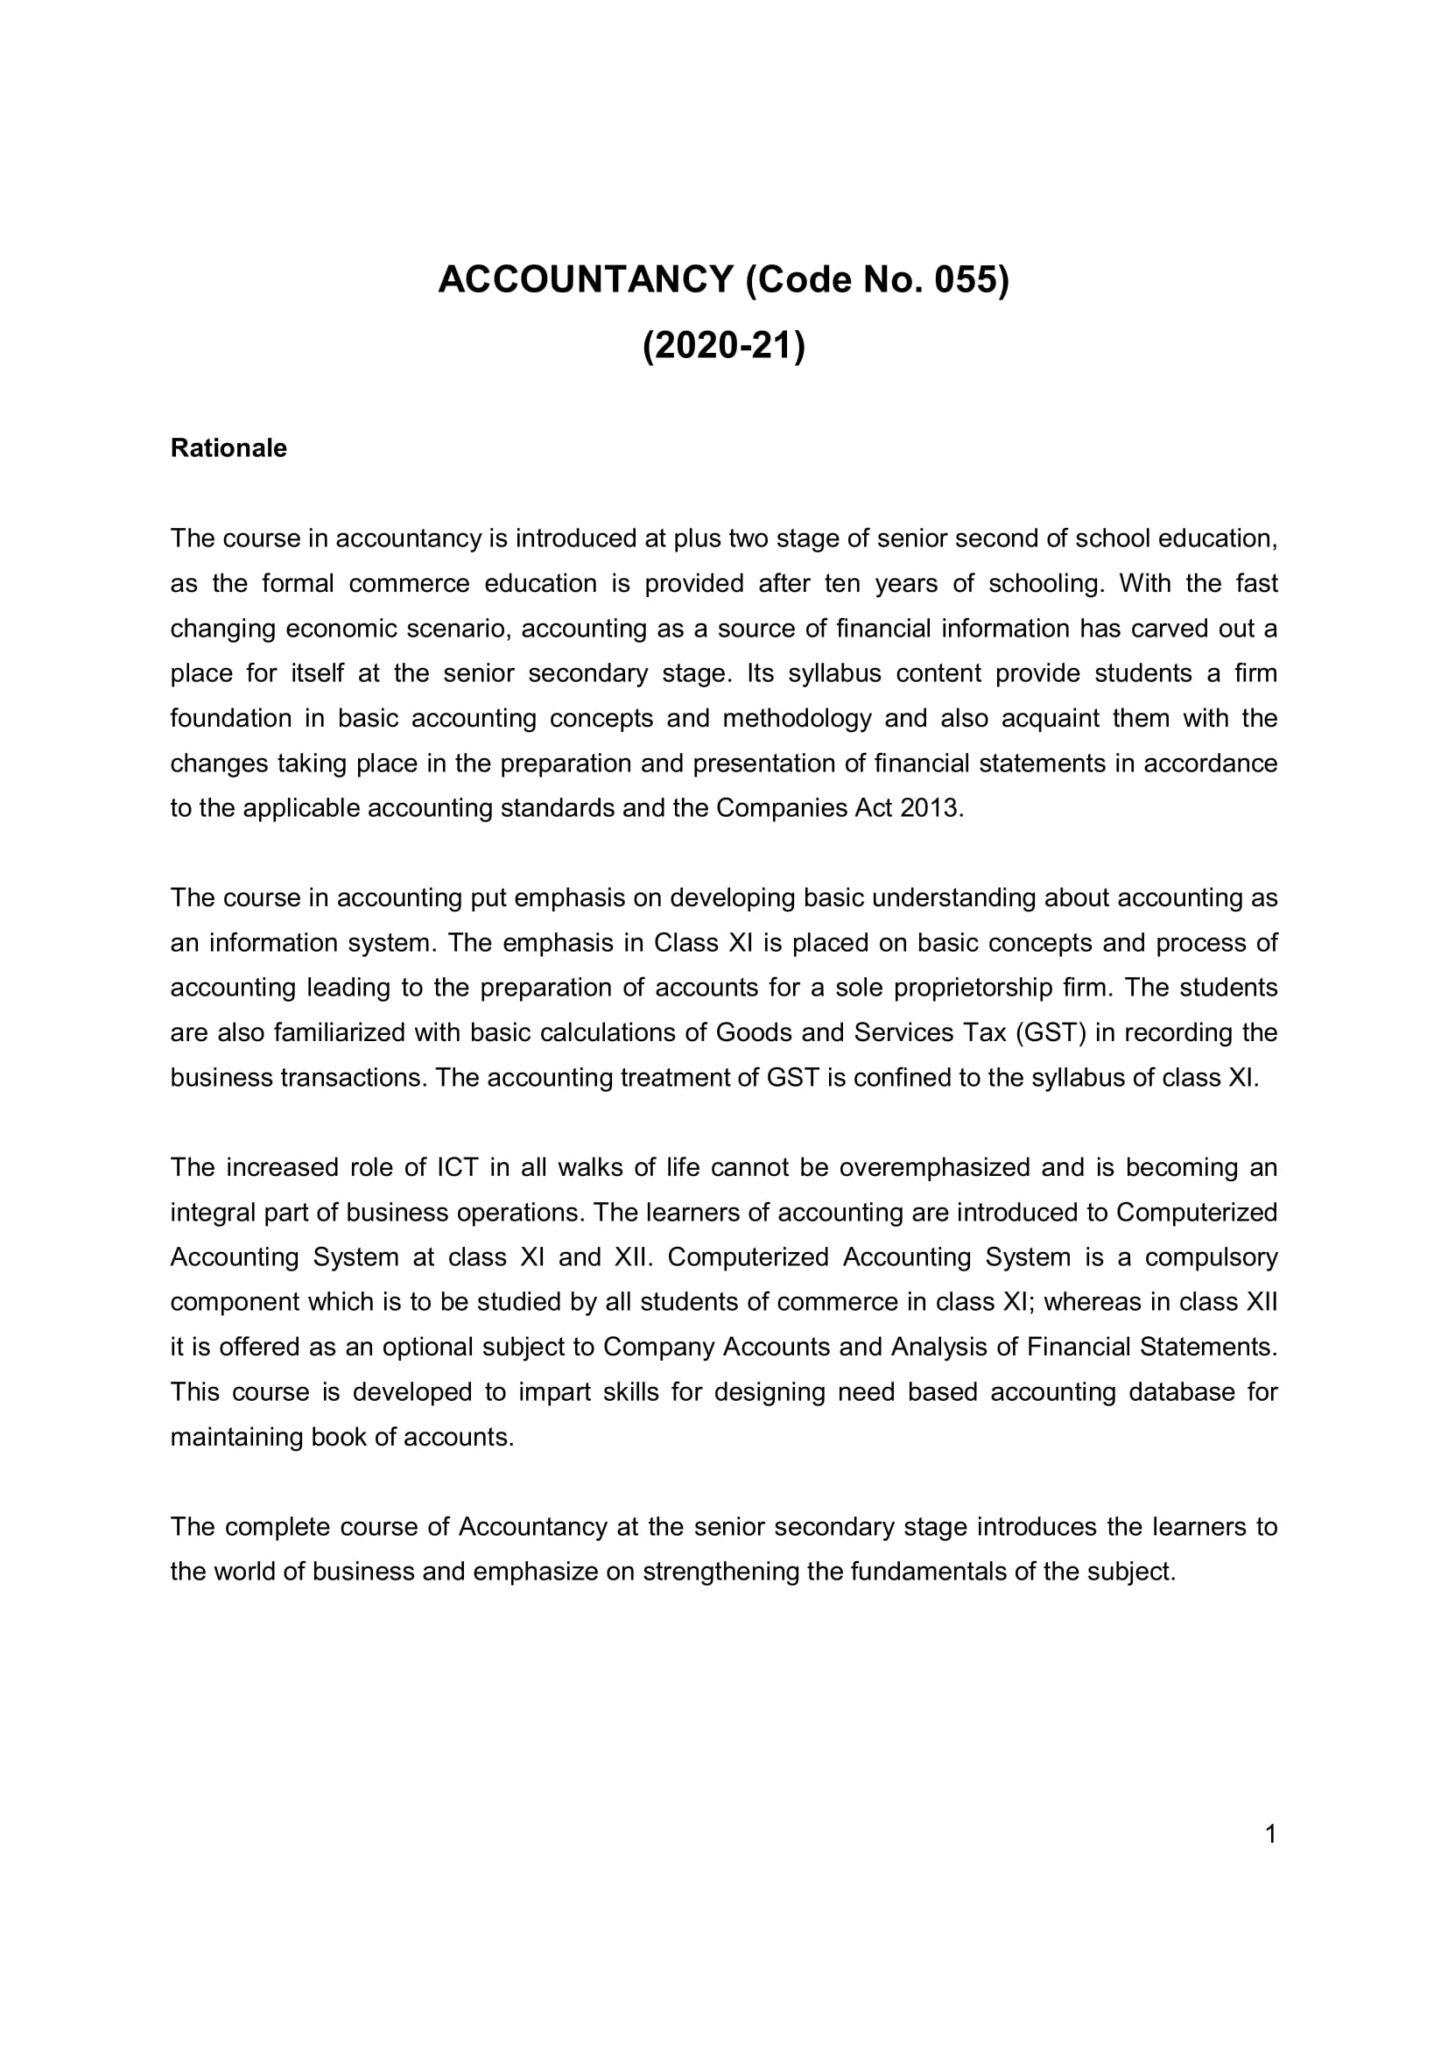 Accountancy Sr.Sec 2020 21 01